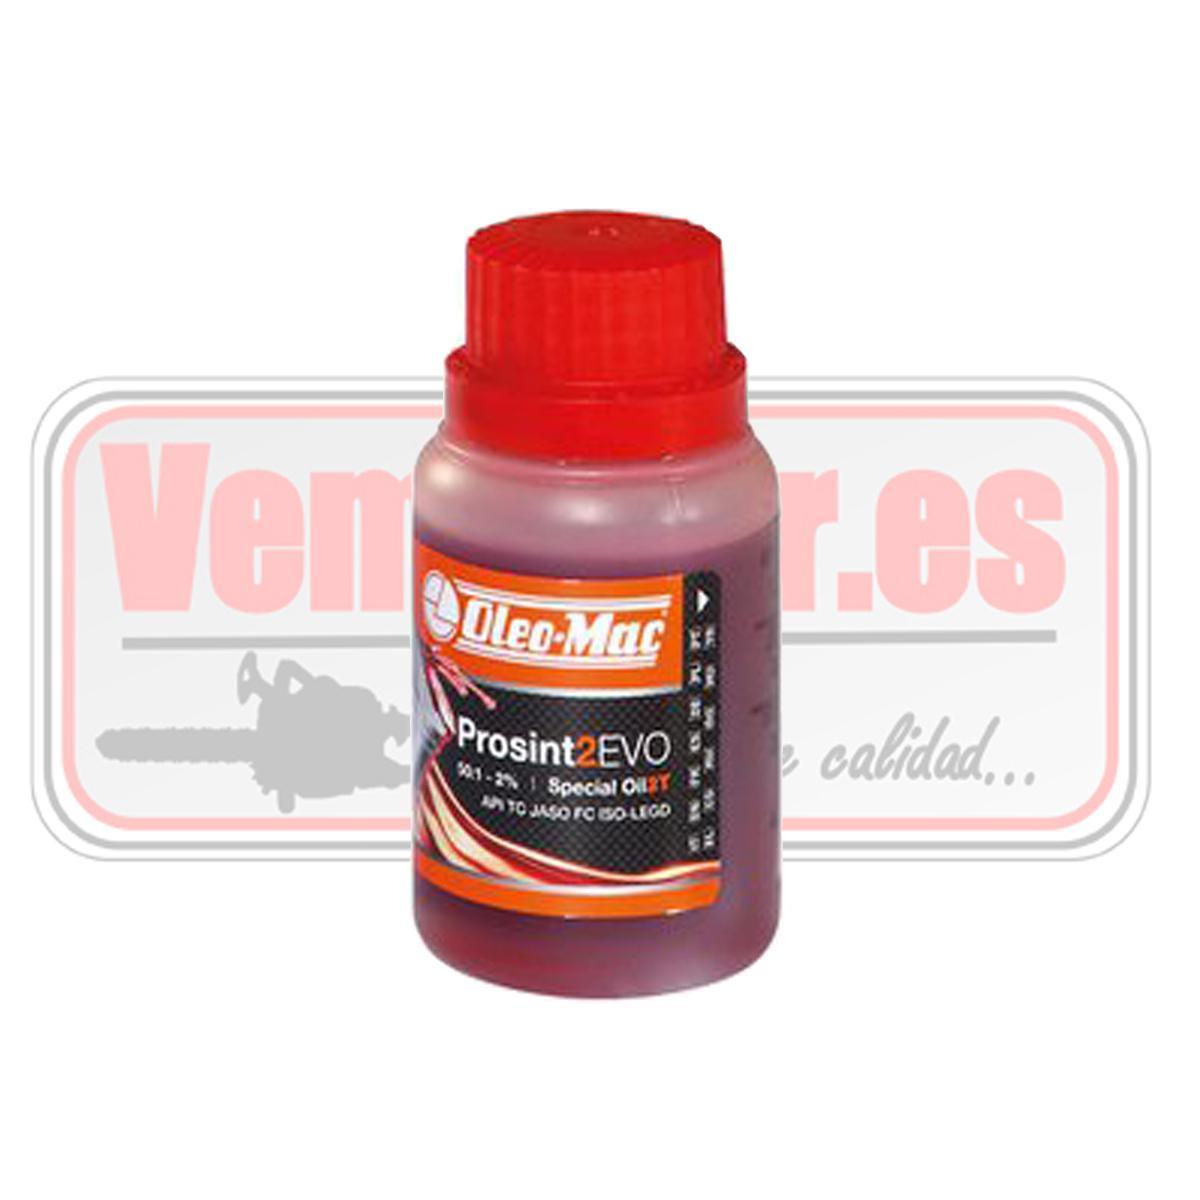 Aceite mezcla gasolina 2T Oleo Mac prosint 2 EVO